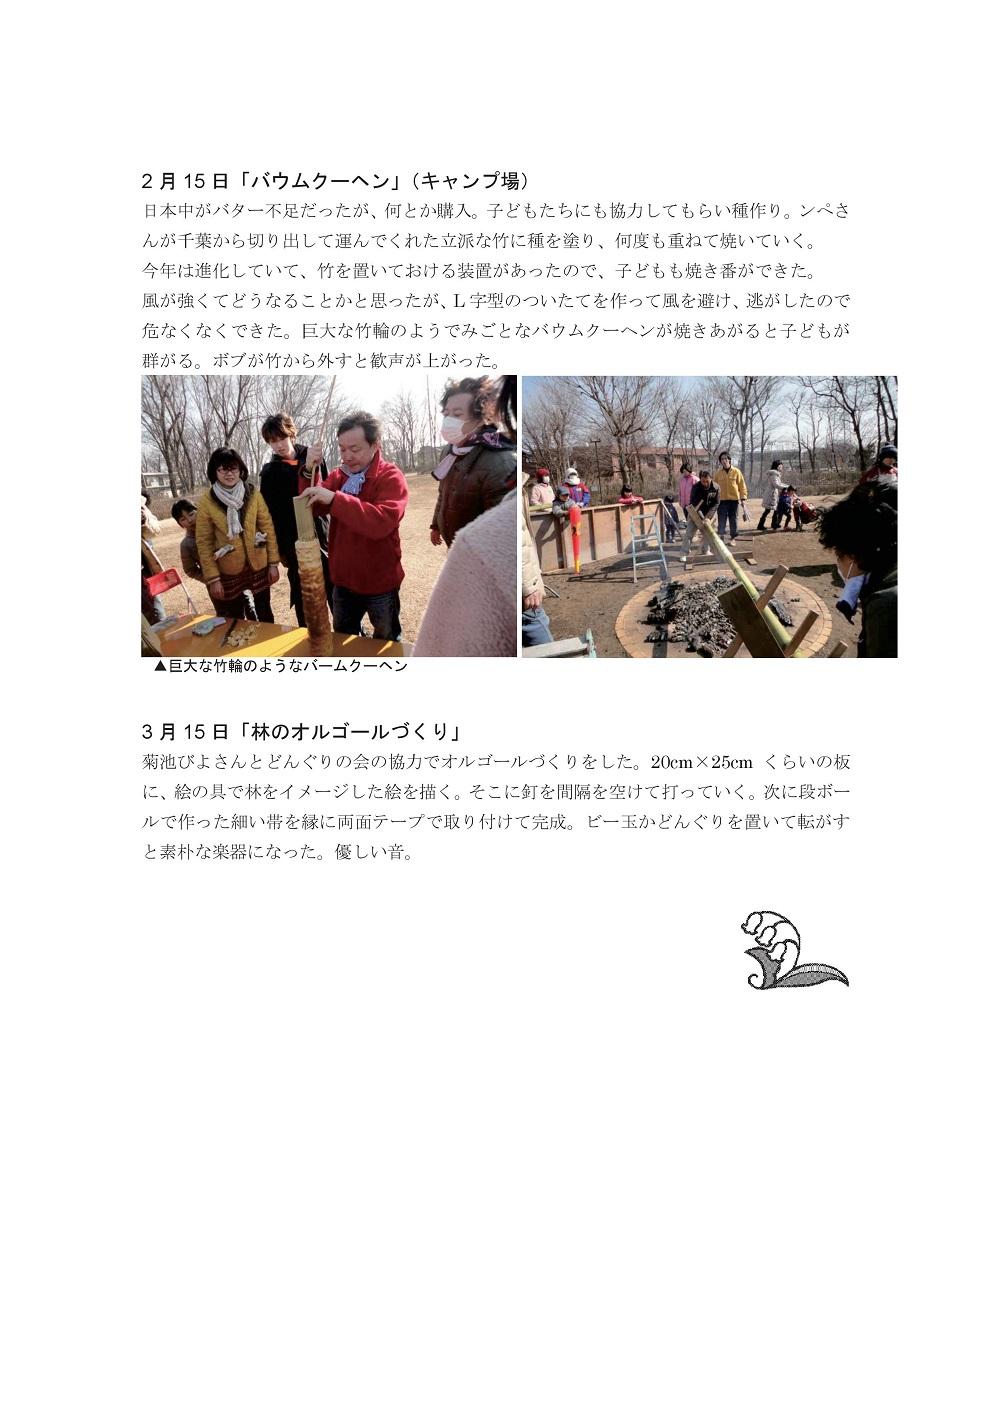 2014年度 活動報告書 こだいら自由遊びの会2-005.jpg